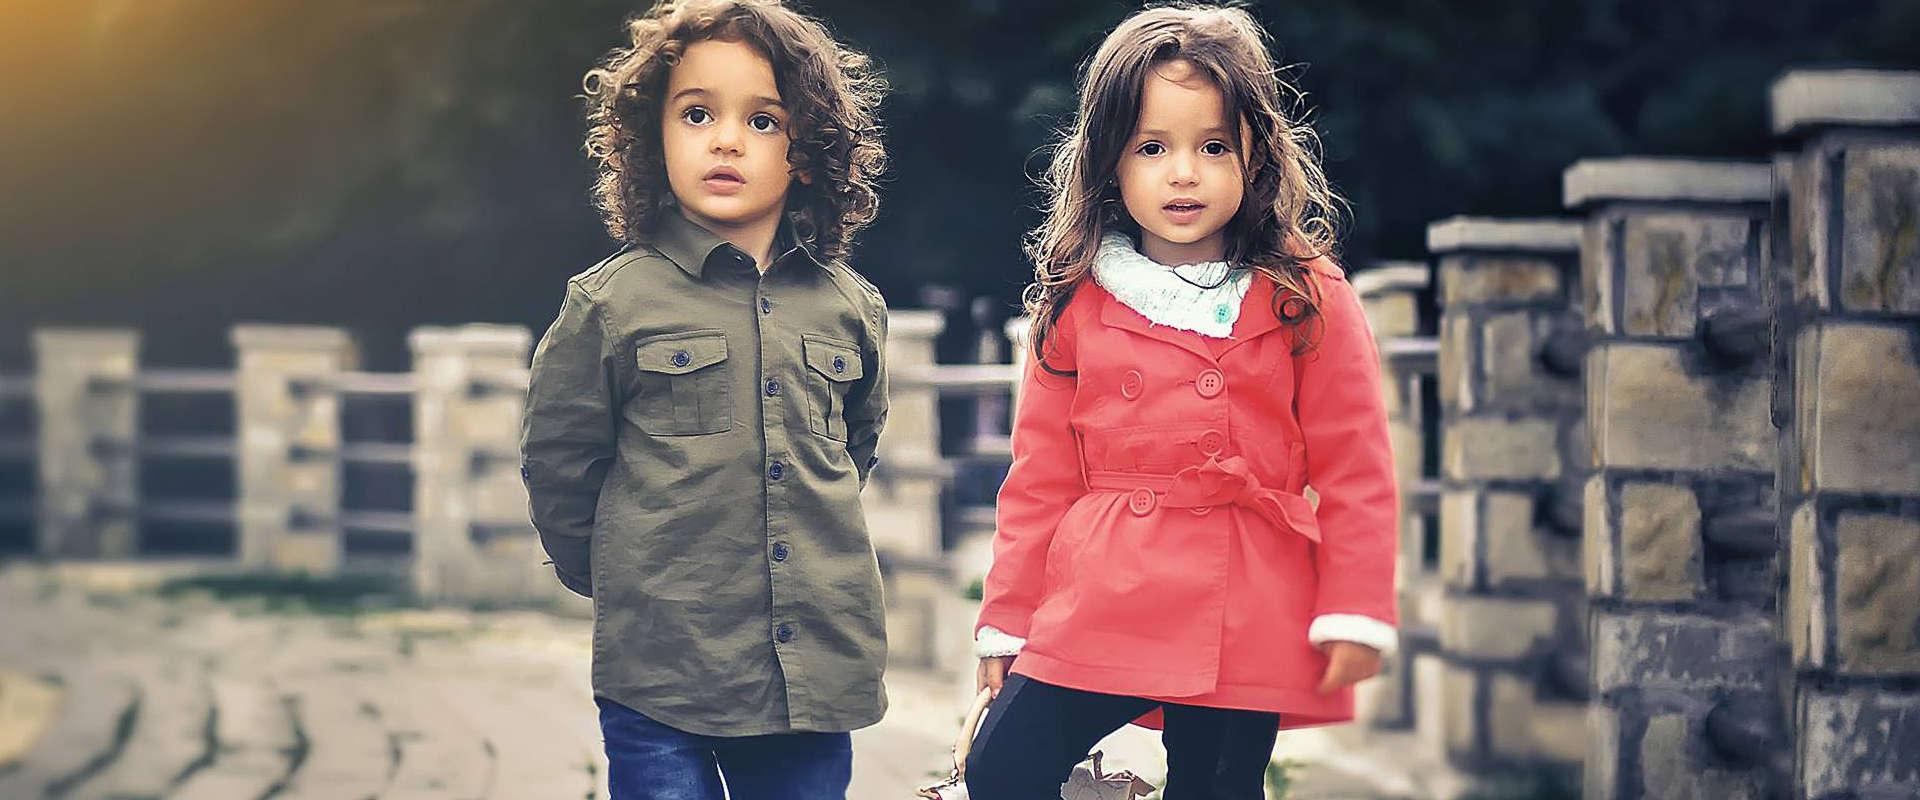 meilleur prix vêtements pour enfant